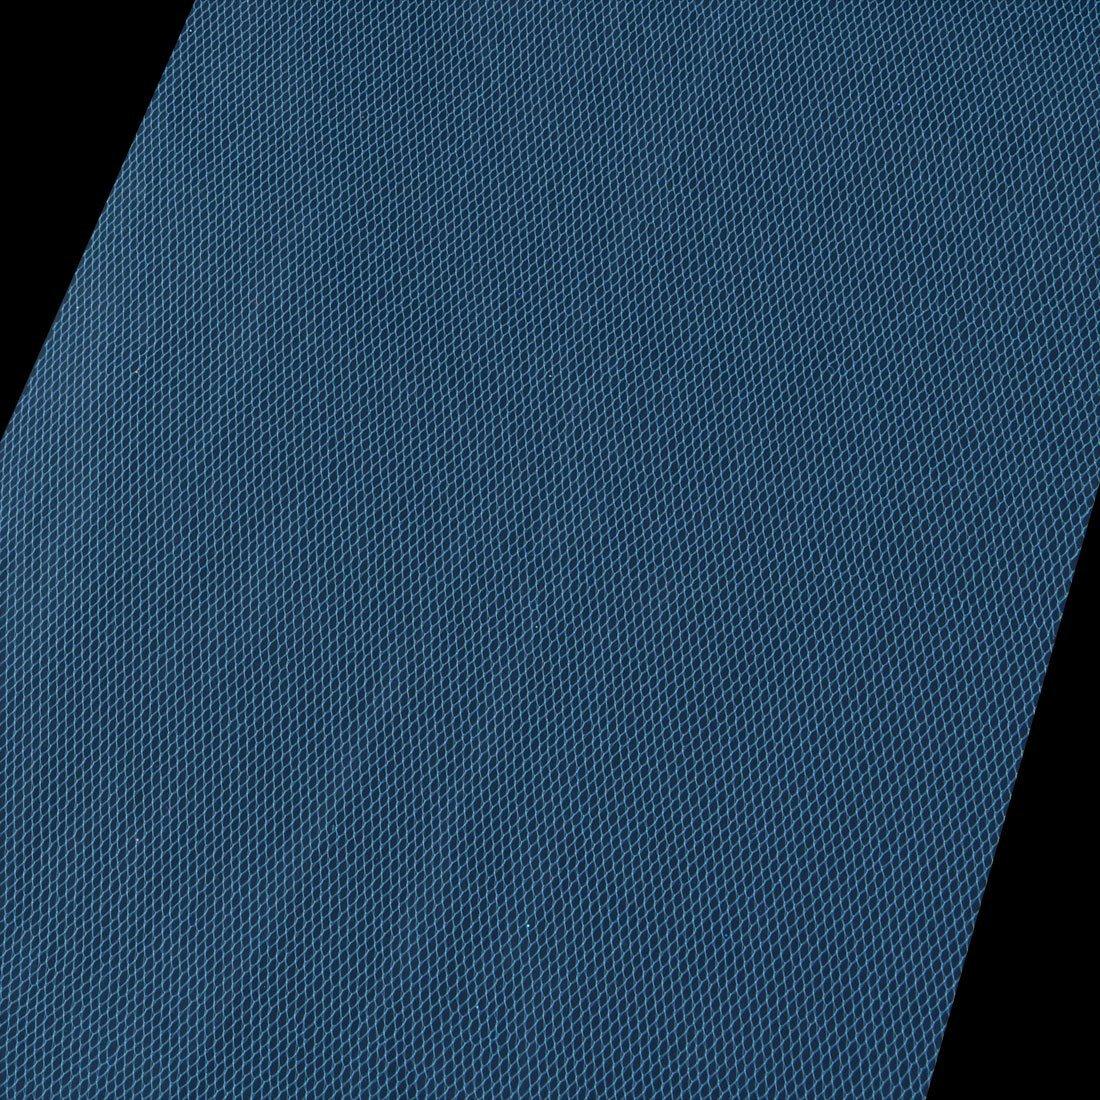 Amazon.com: Vestido de boda eDealMax Poliéster Inicio Tutu Regalo de la decoración del arte de DIY Tul carrete Rollo DE 6 pulgadas x 100 yardas Azul de ...